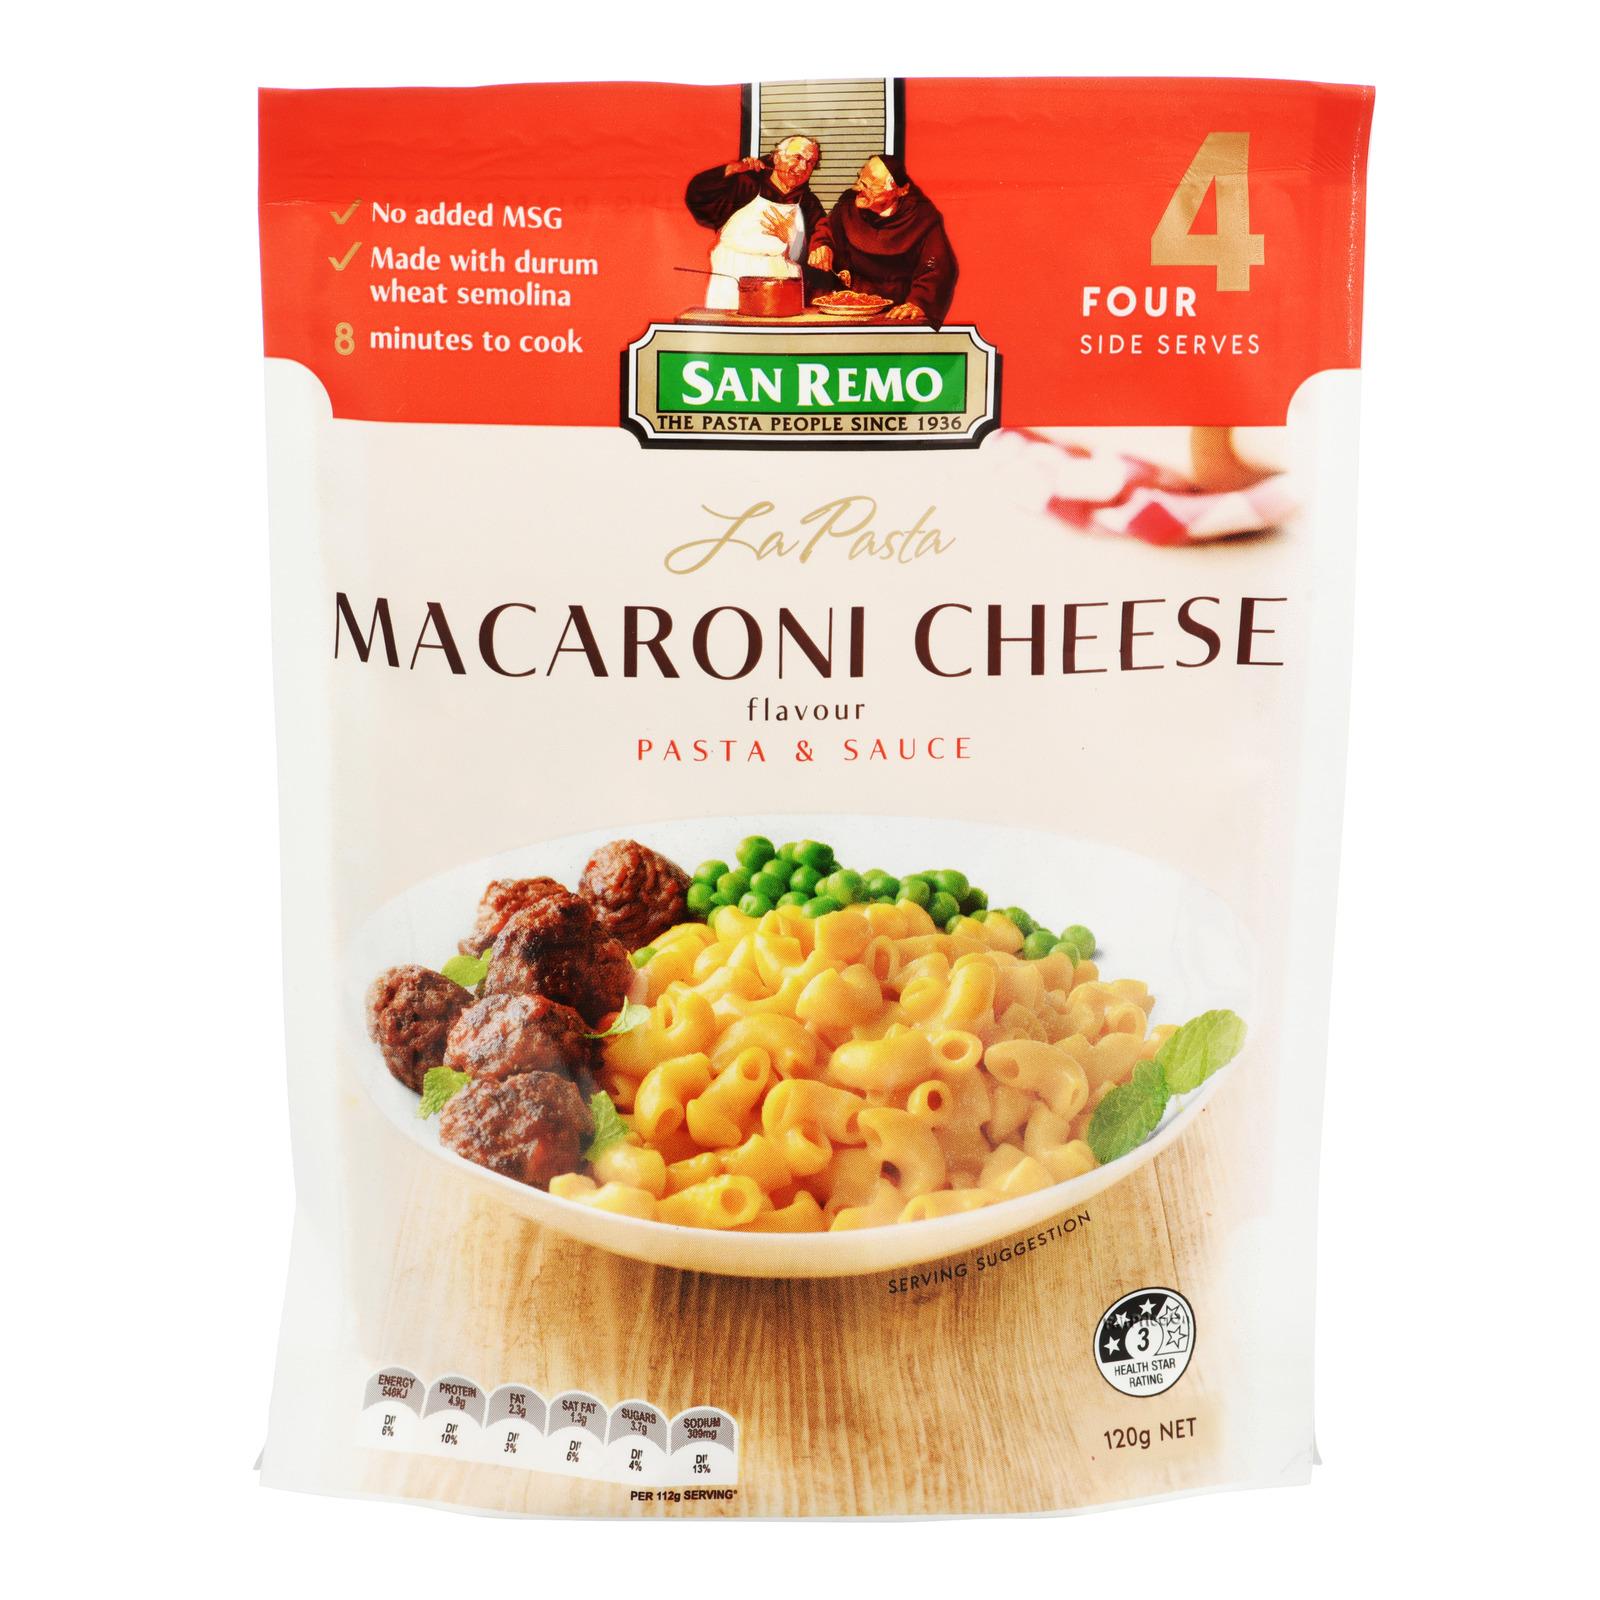 SAN REMO La Pasta - Macaroni Cheese Flavour 120g